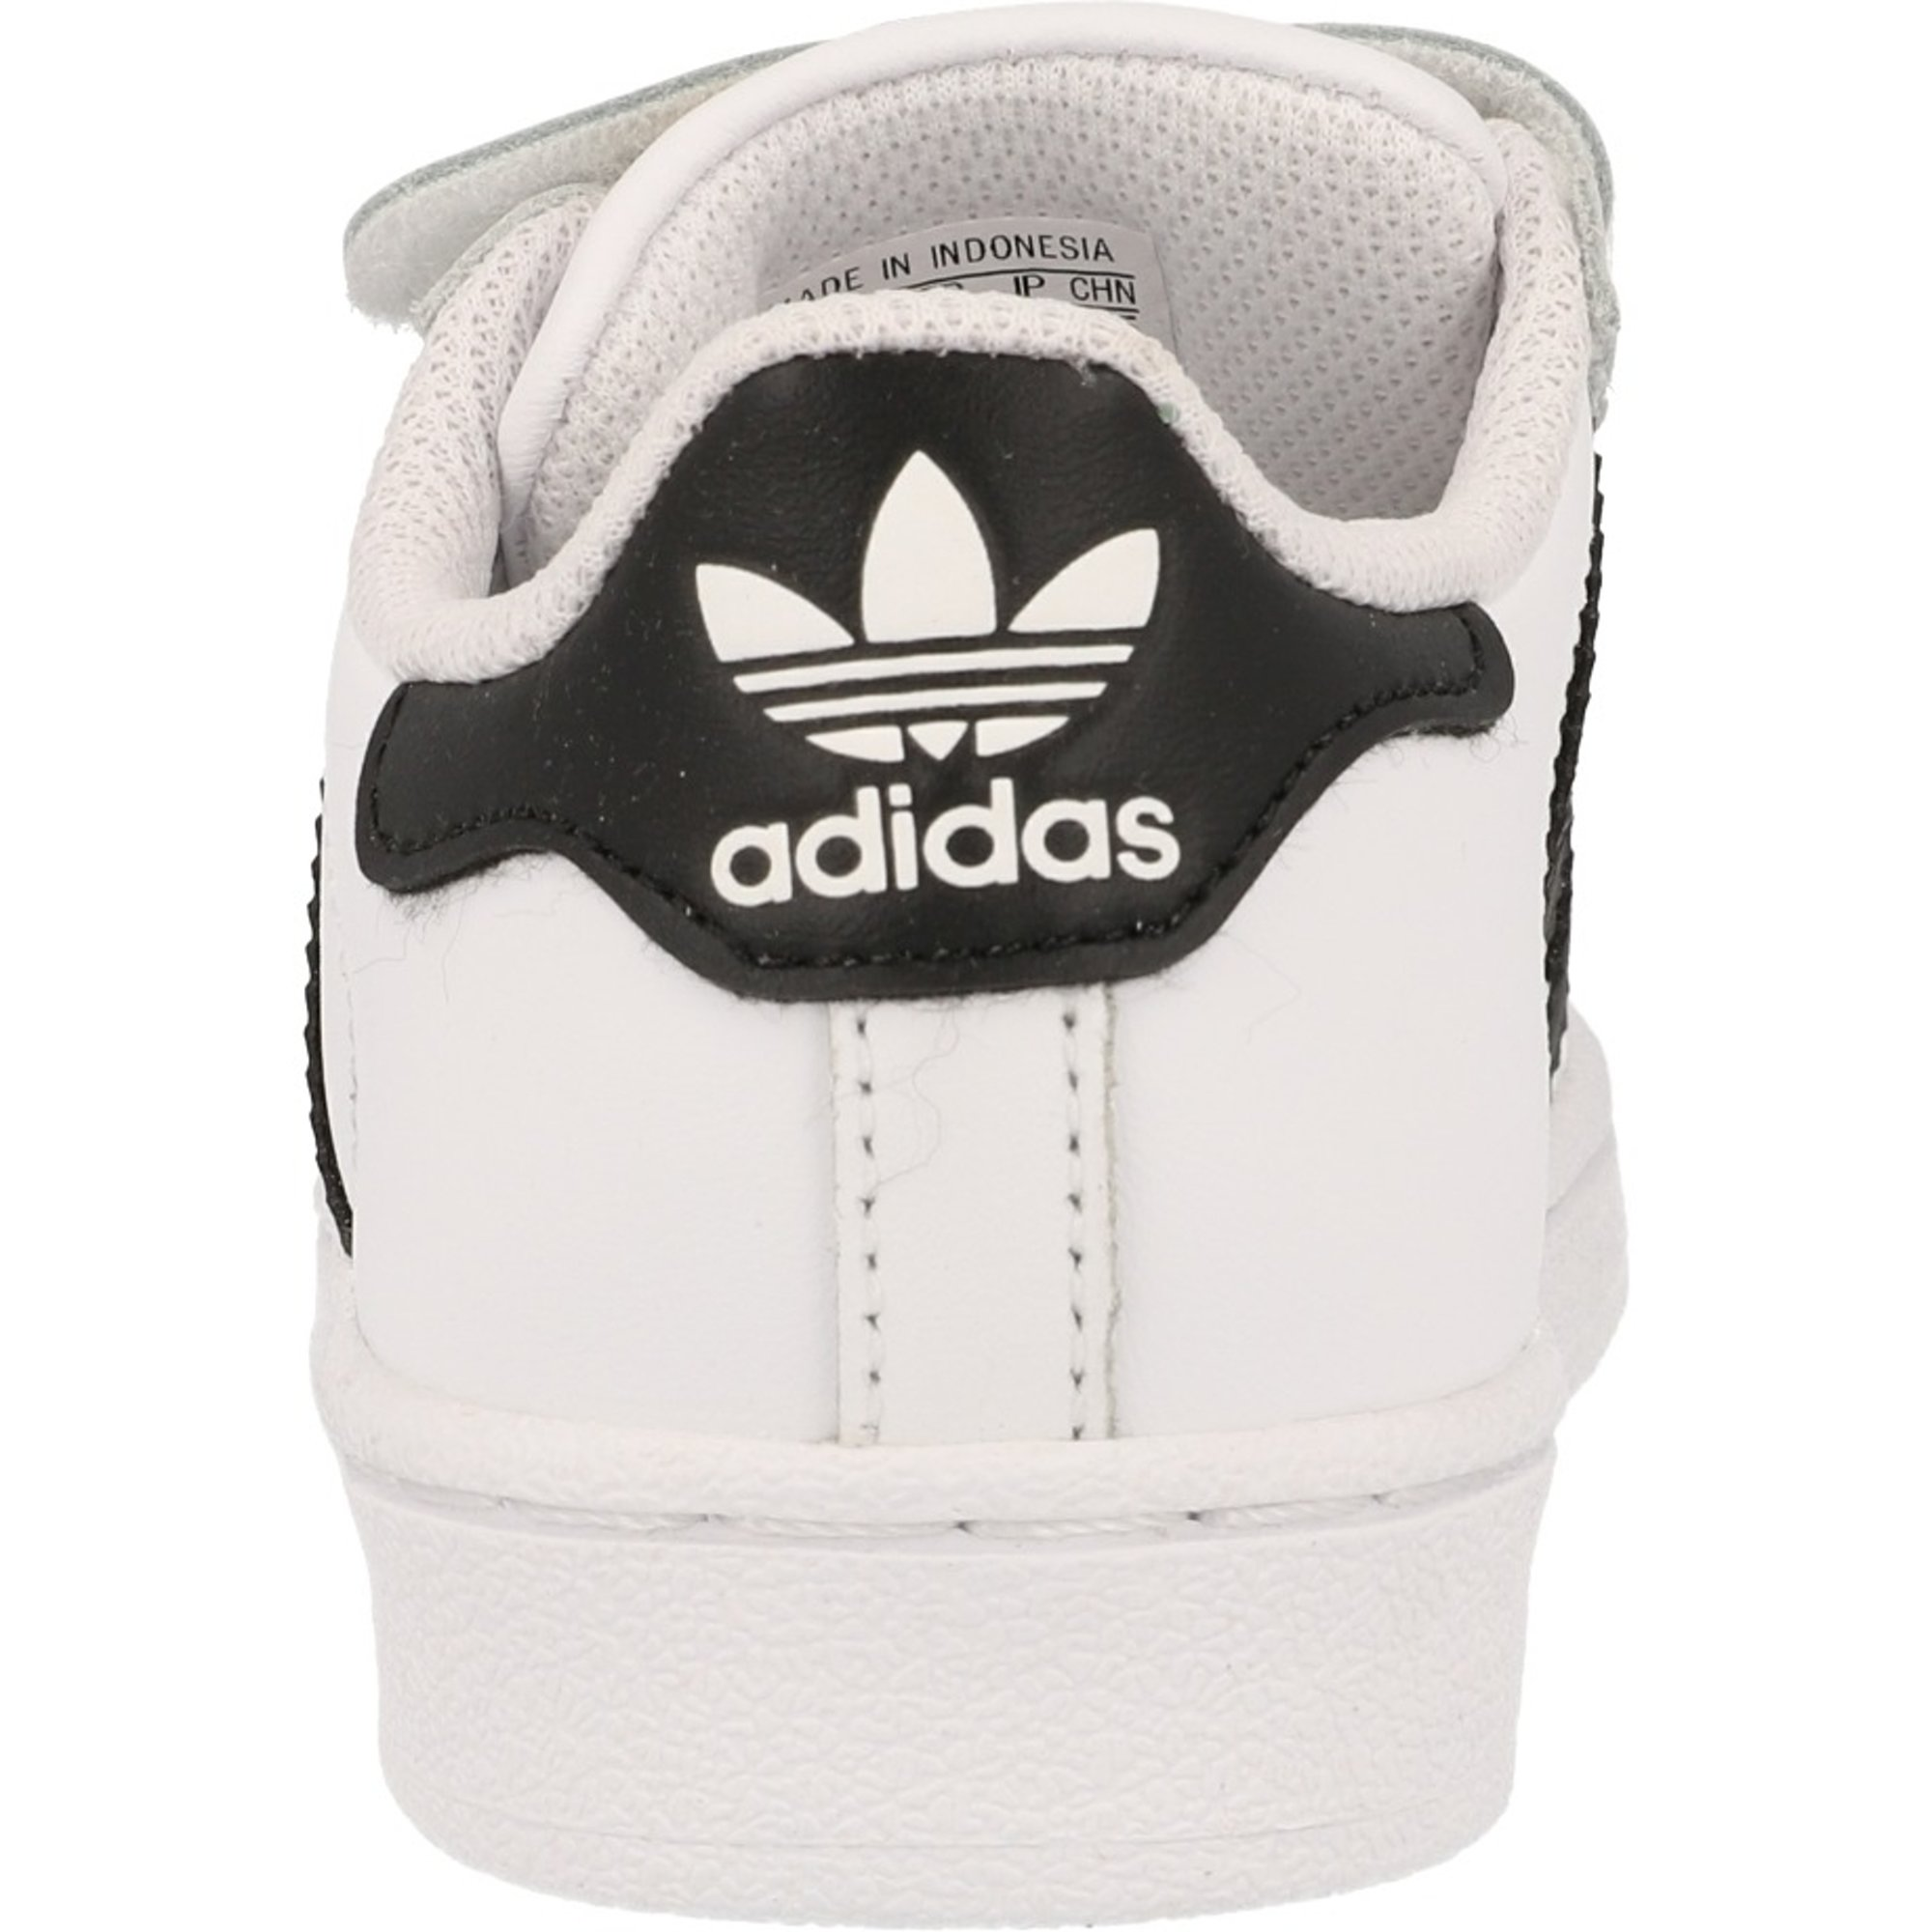 adidas Originals Superstar Foundation CF C WeißSchwarz Leder Junior